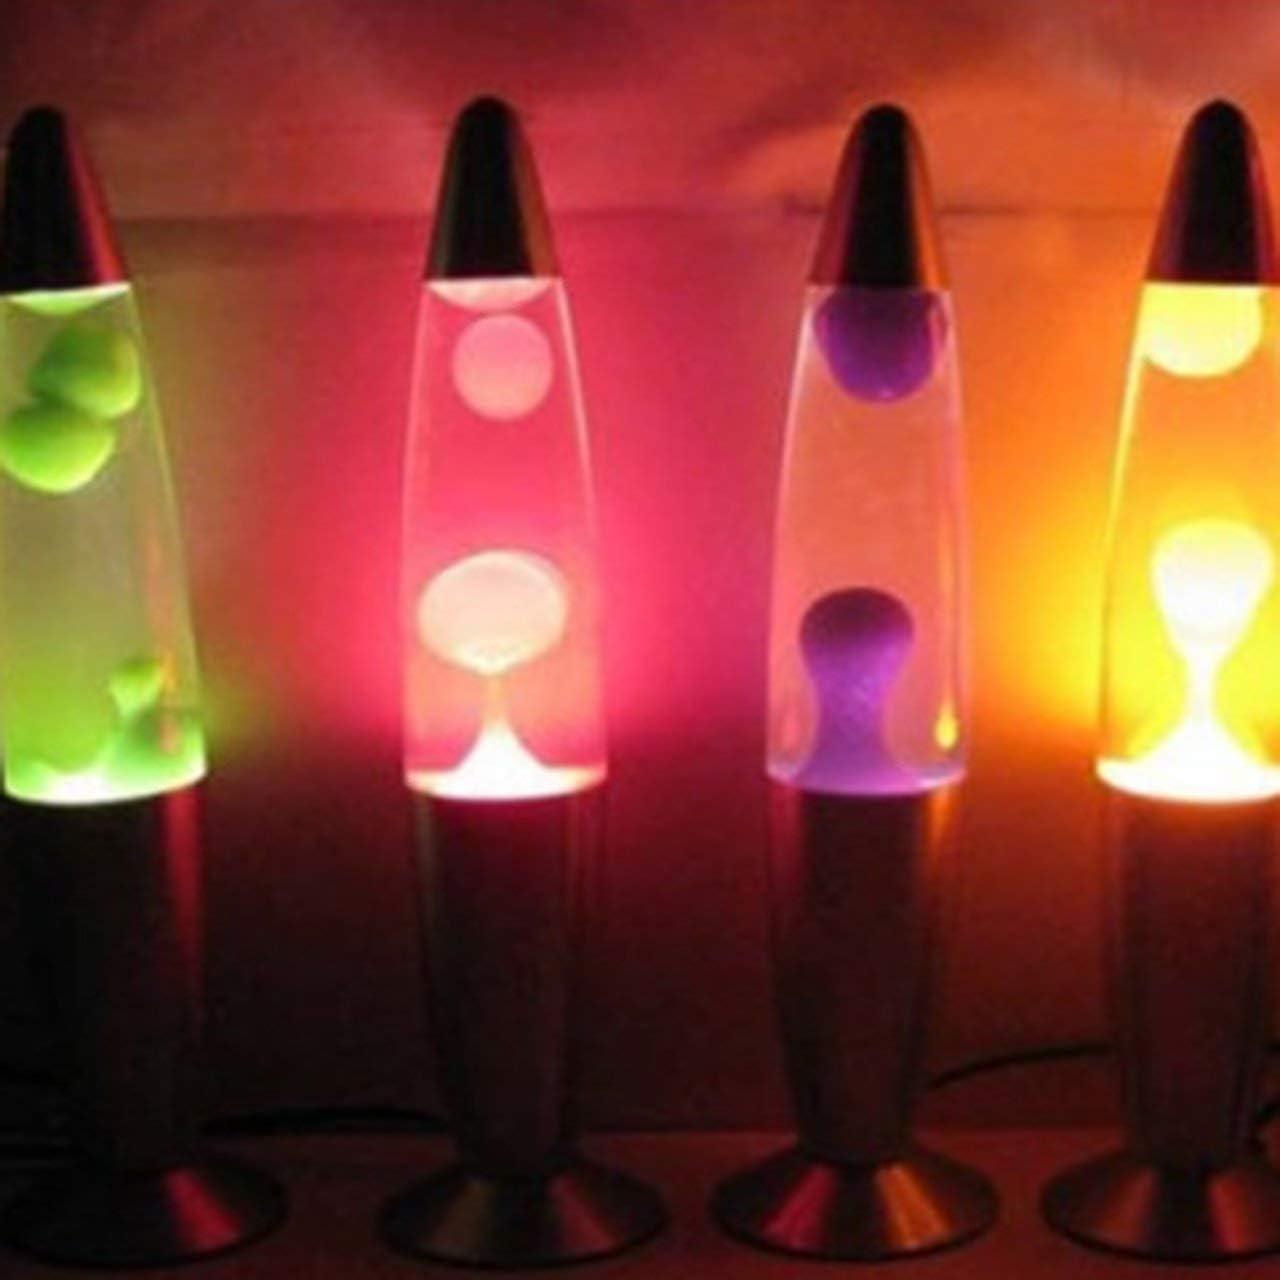 Orange Niedliche Metallbasis Lava Lampe Wachs Vulkan Stil Nachtlicht Qualle Nachtlicht Blendung Gl/ühlampe Lava Beleuchtung Lampen DEjasnyfall